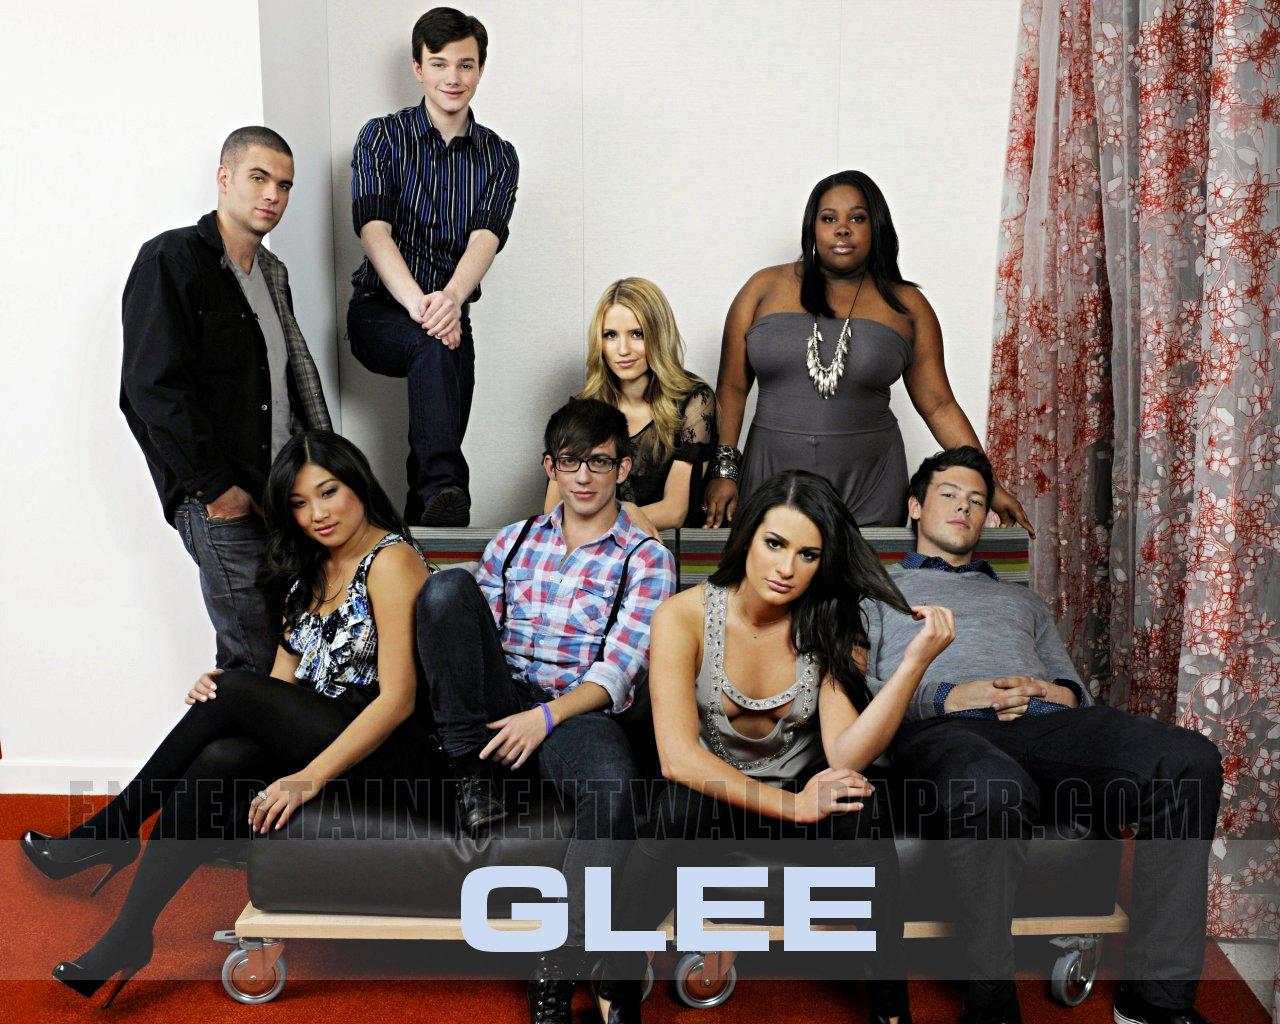 Glee Wallpaper Pictuers Photos Images Desktop Wallpaper Glee glee 1280x1024